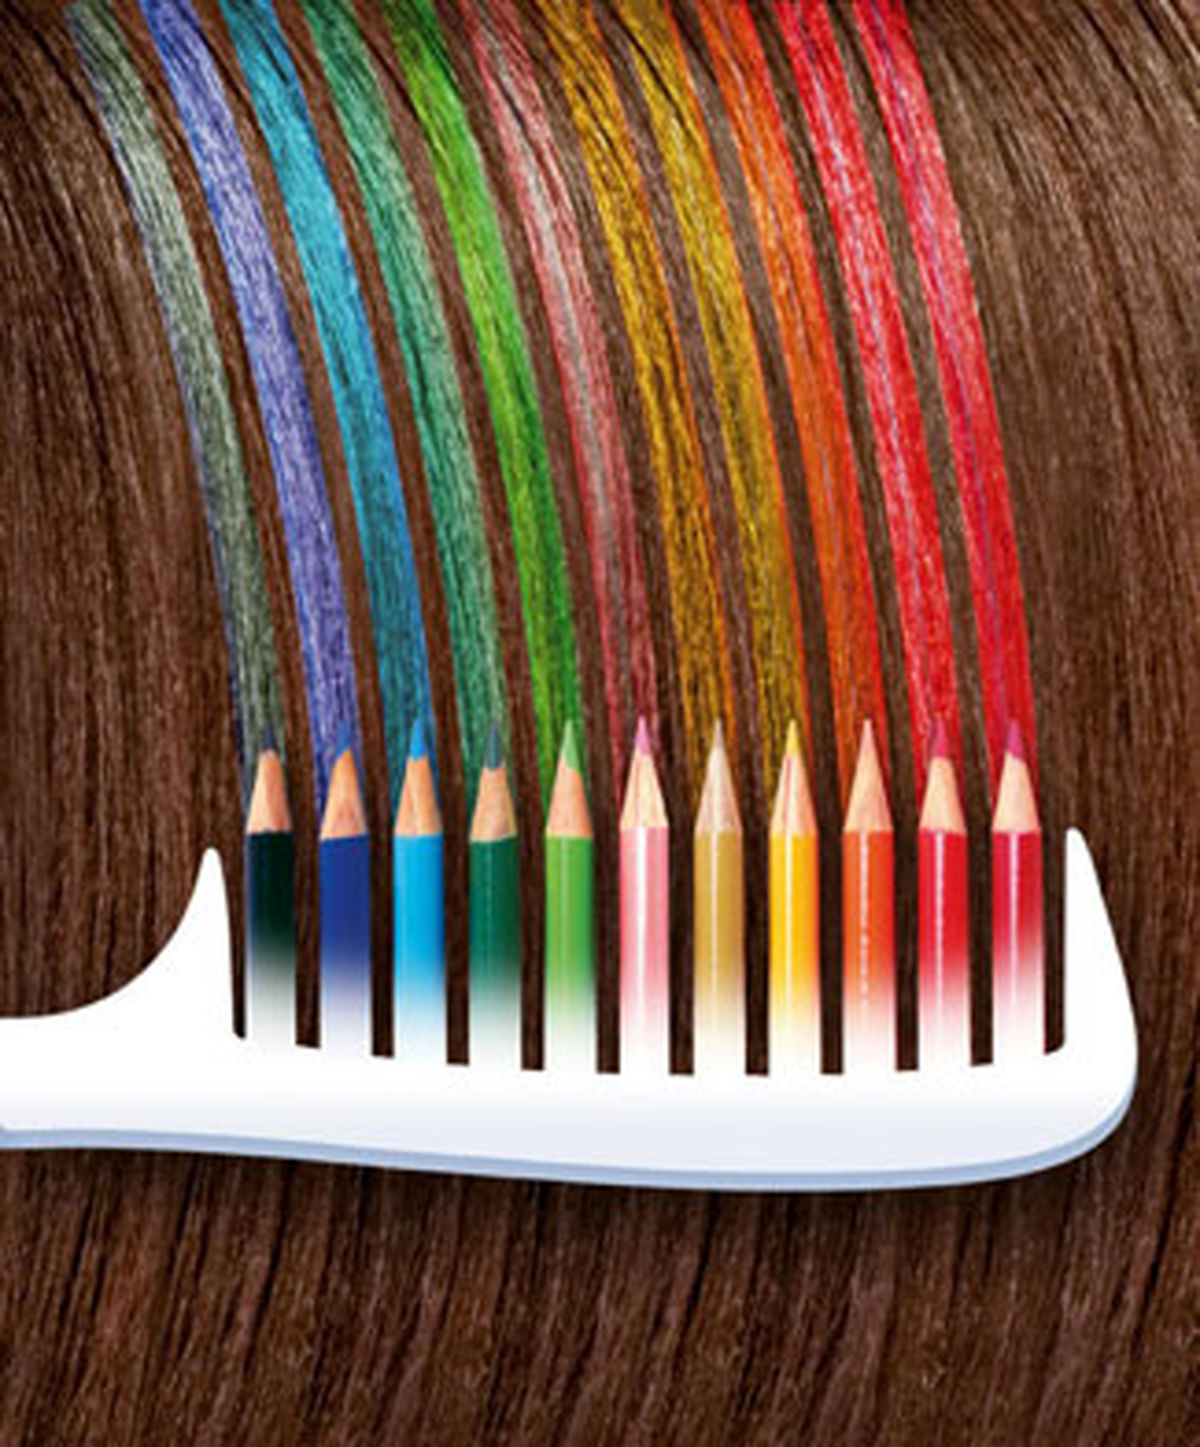 خانم ها در هیاهوی رنگ کردن موها در آخر سال، به این نکات توجه کنید